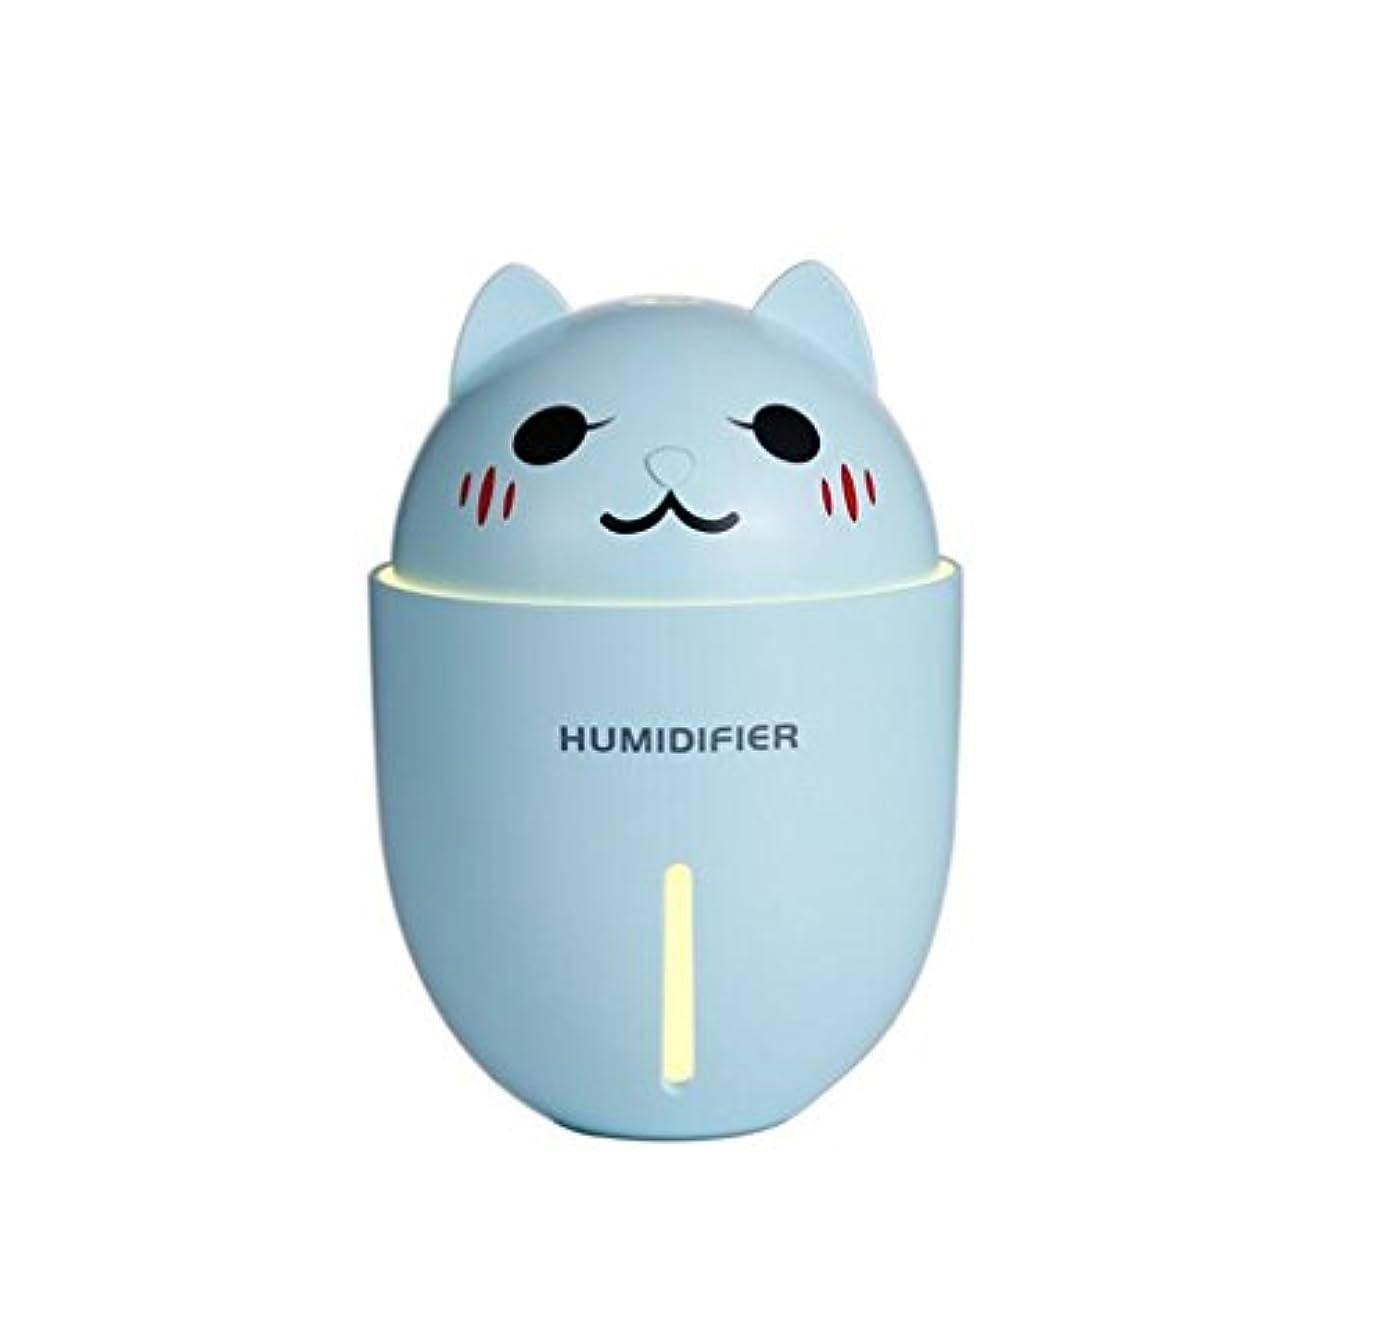 口頭ネコ体LED夜光、小型ファンUSB、ホーム、オフィス、スパのためのポータブル静かなディフューザーと多機能超音波加湿器